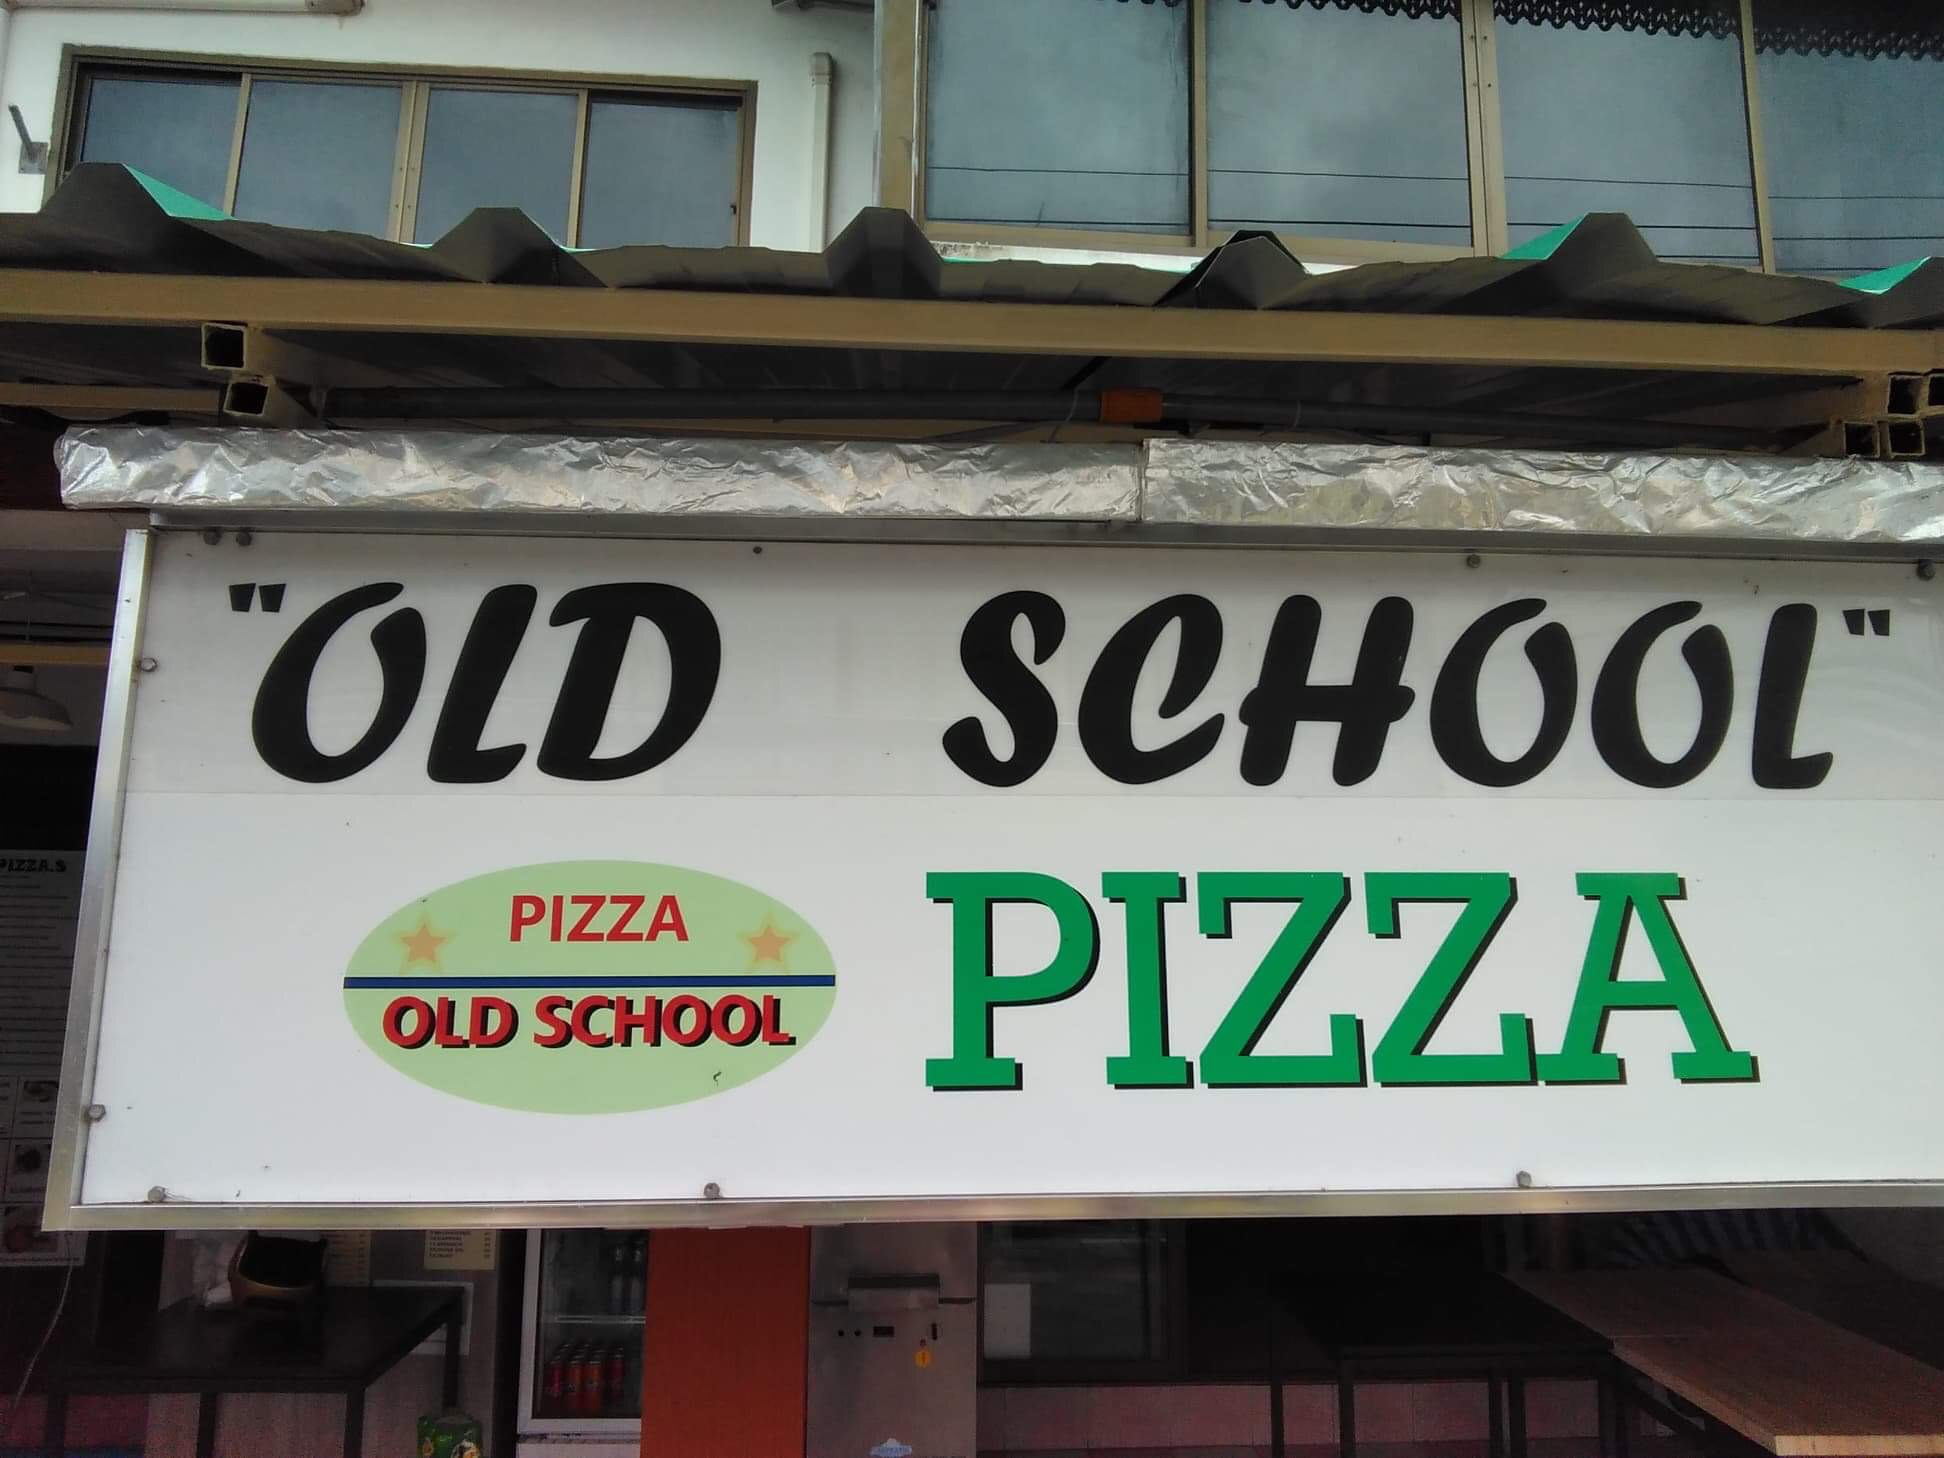 Pizza Capperi